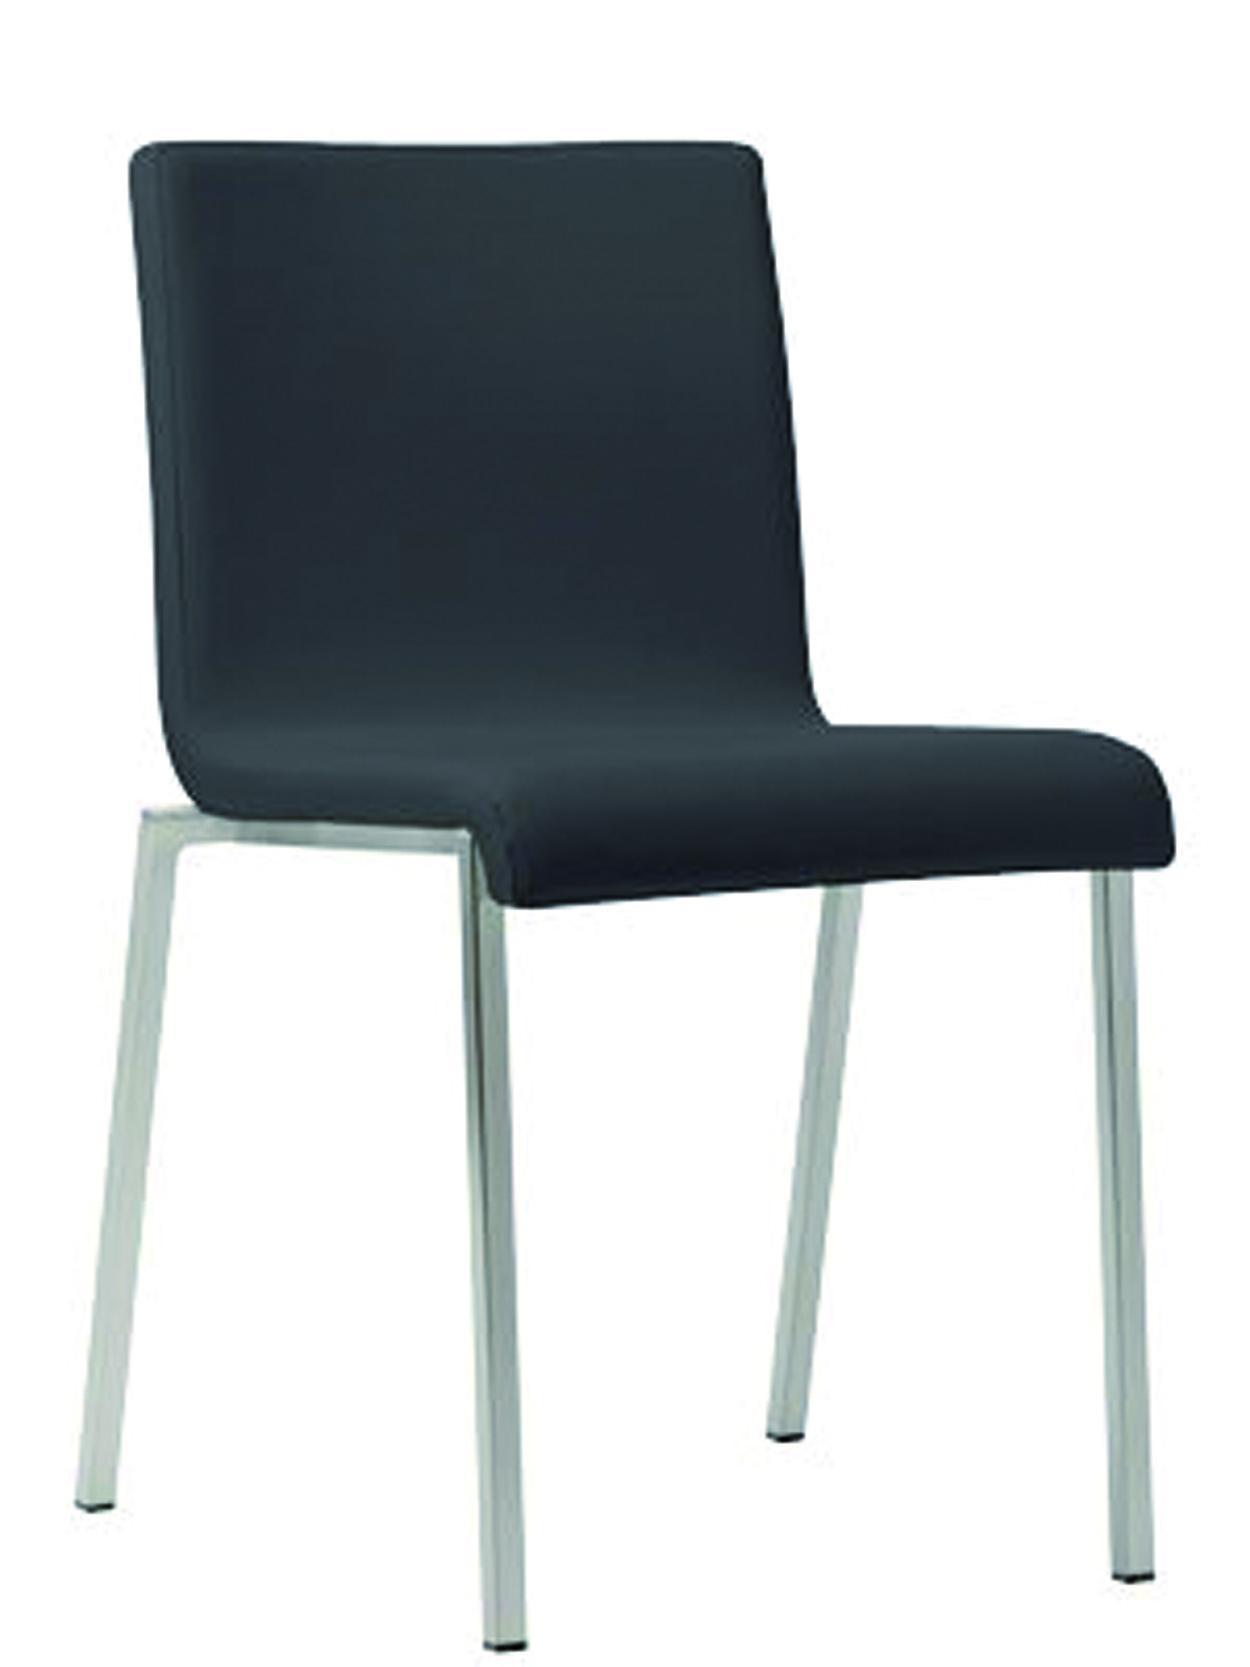 stuhl kuadra xl soft aus feuerhemmendem stoff st hle sitzm bel f r augenoptiker produkte. Black Bedroom Furniture Sets. Home Design Ideas